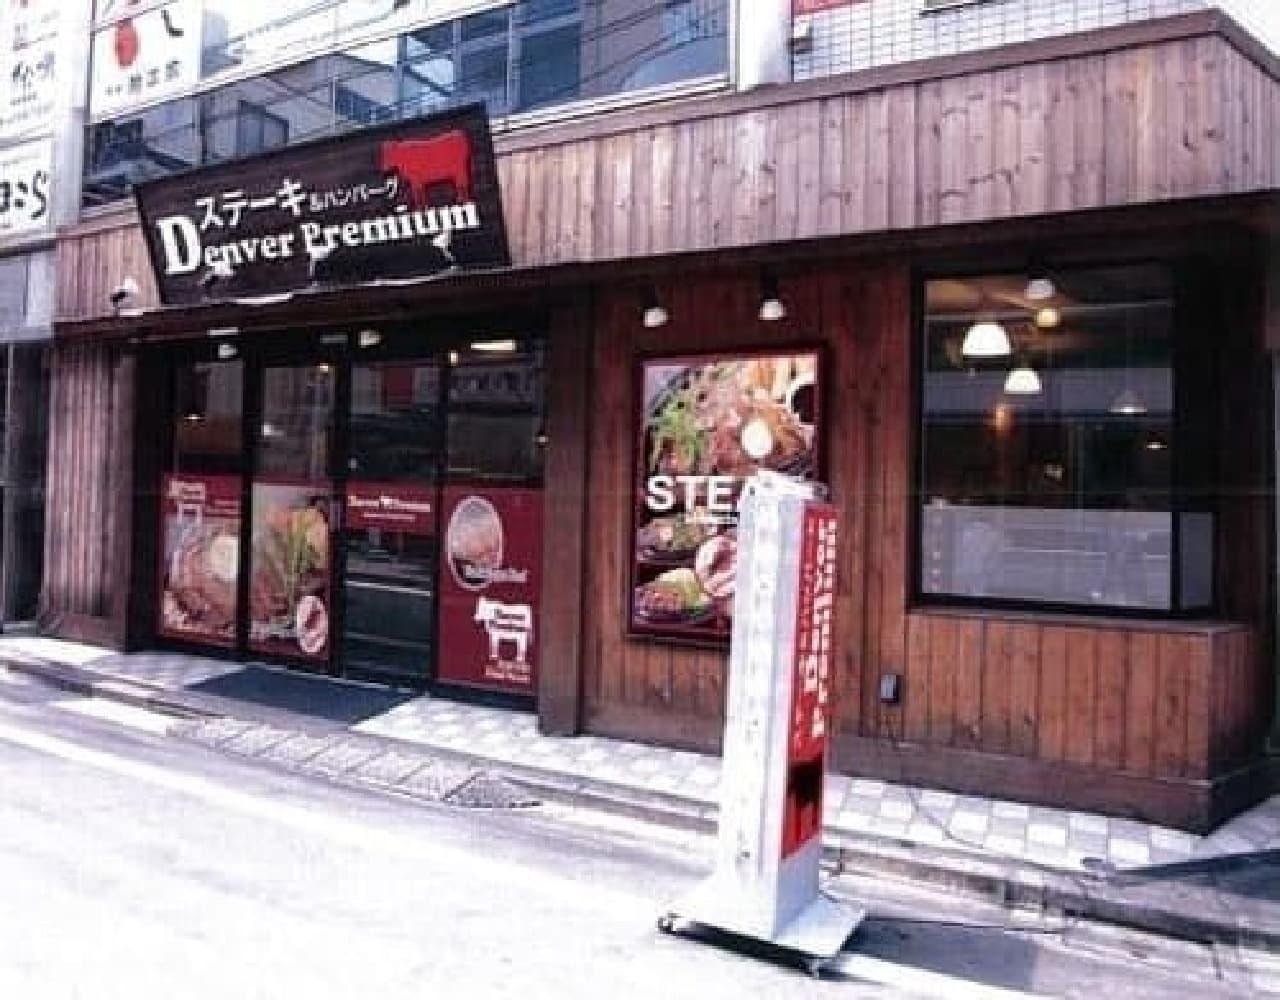 ふと肉が食べたくなったら、デンバープレミアムへ!